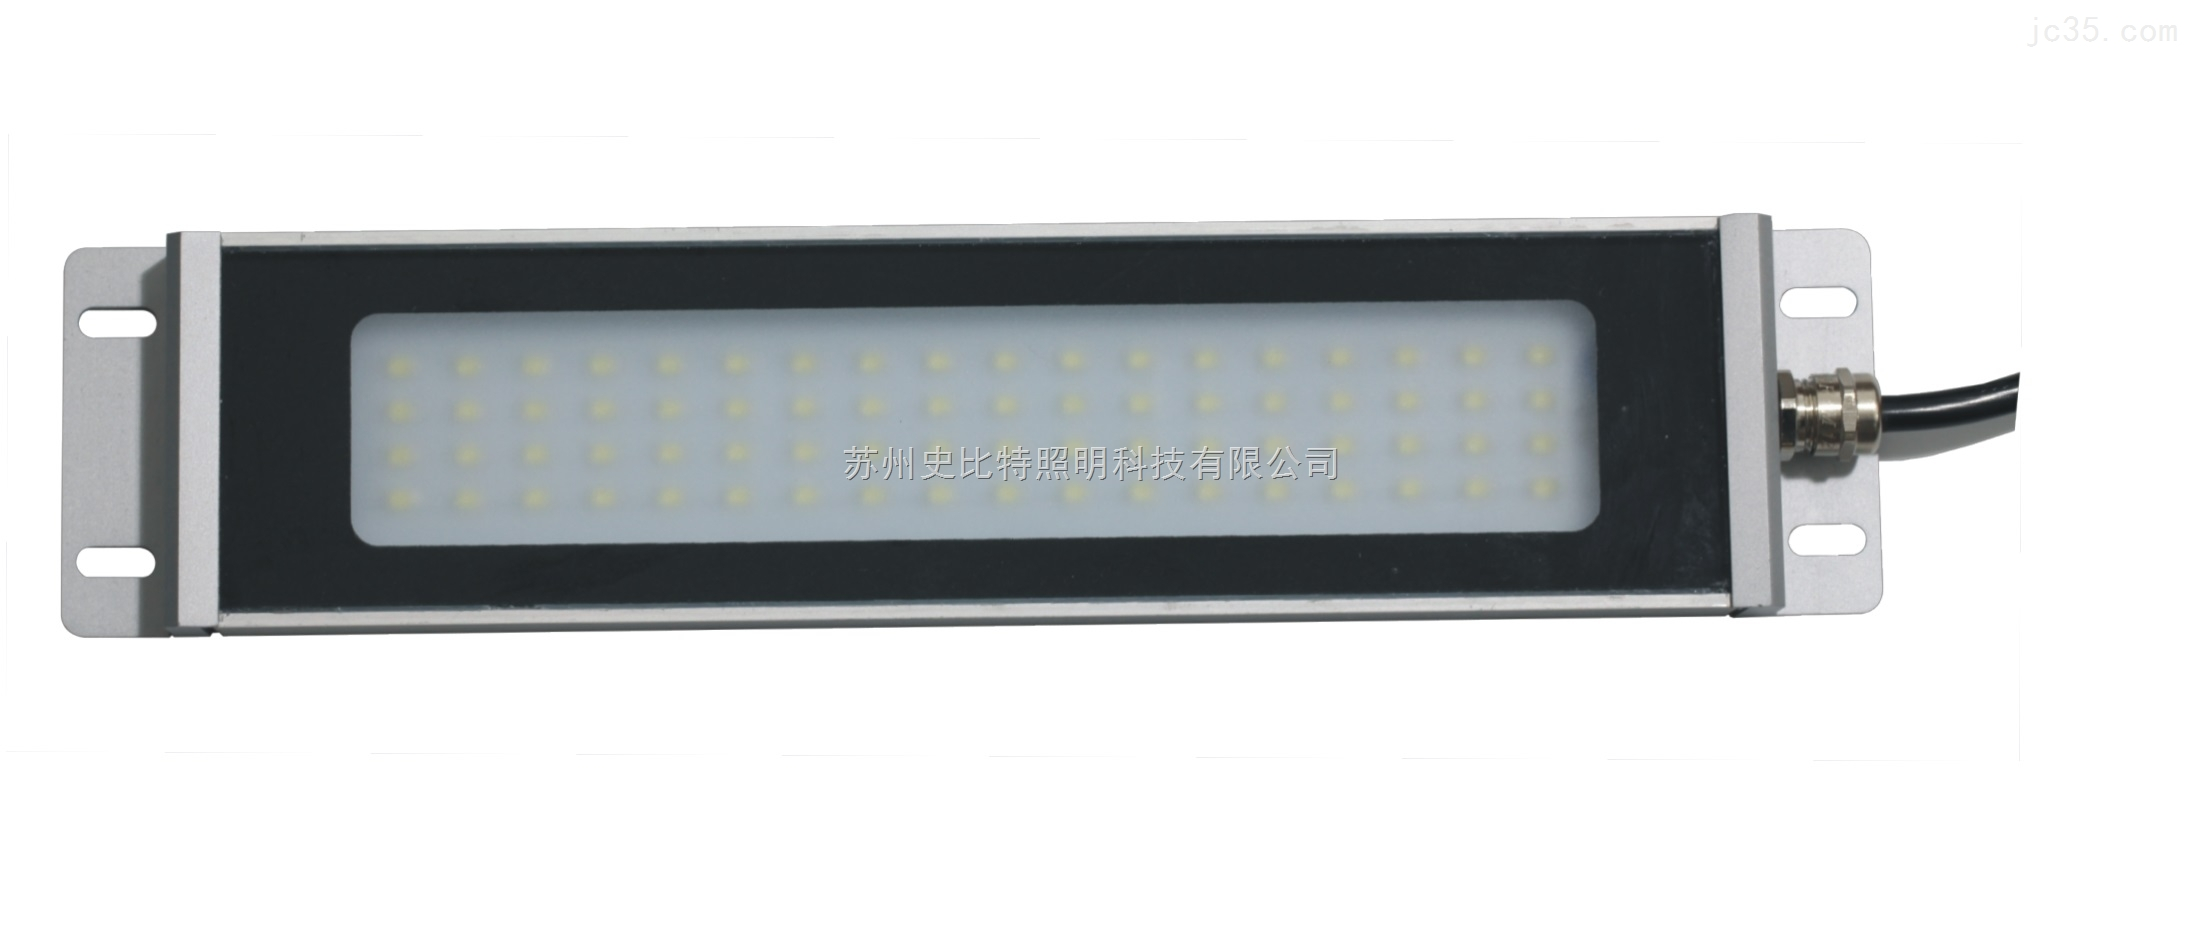 LED超薄灯厂家